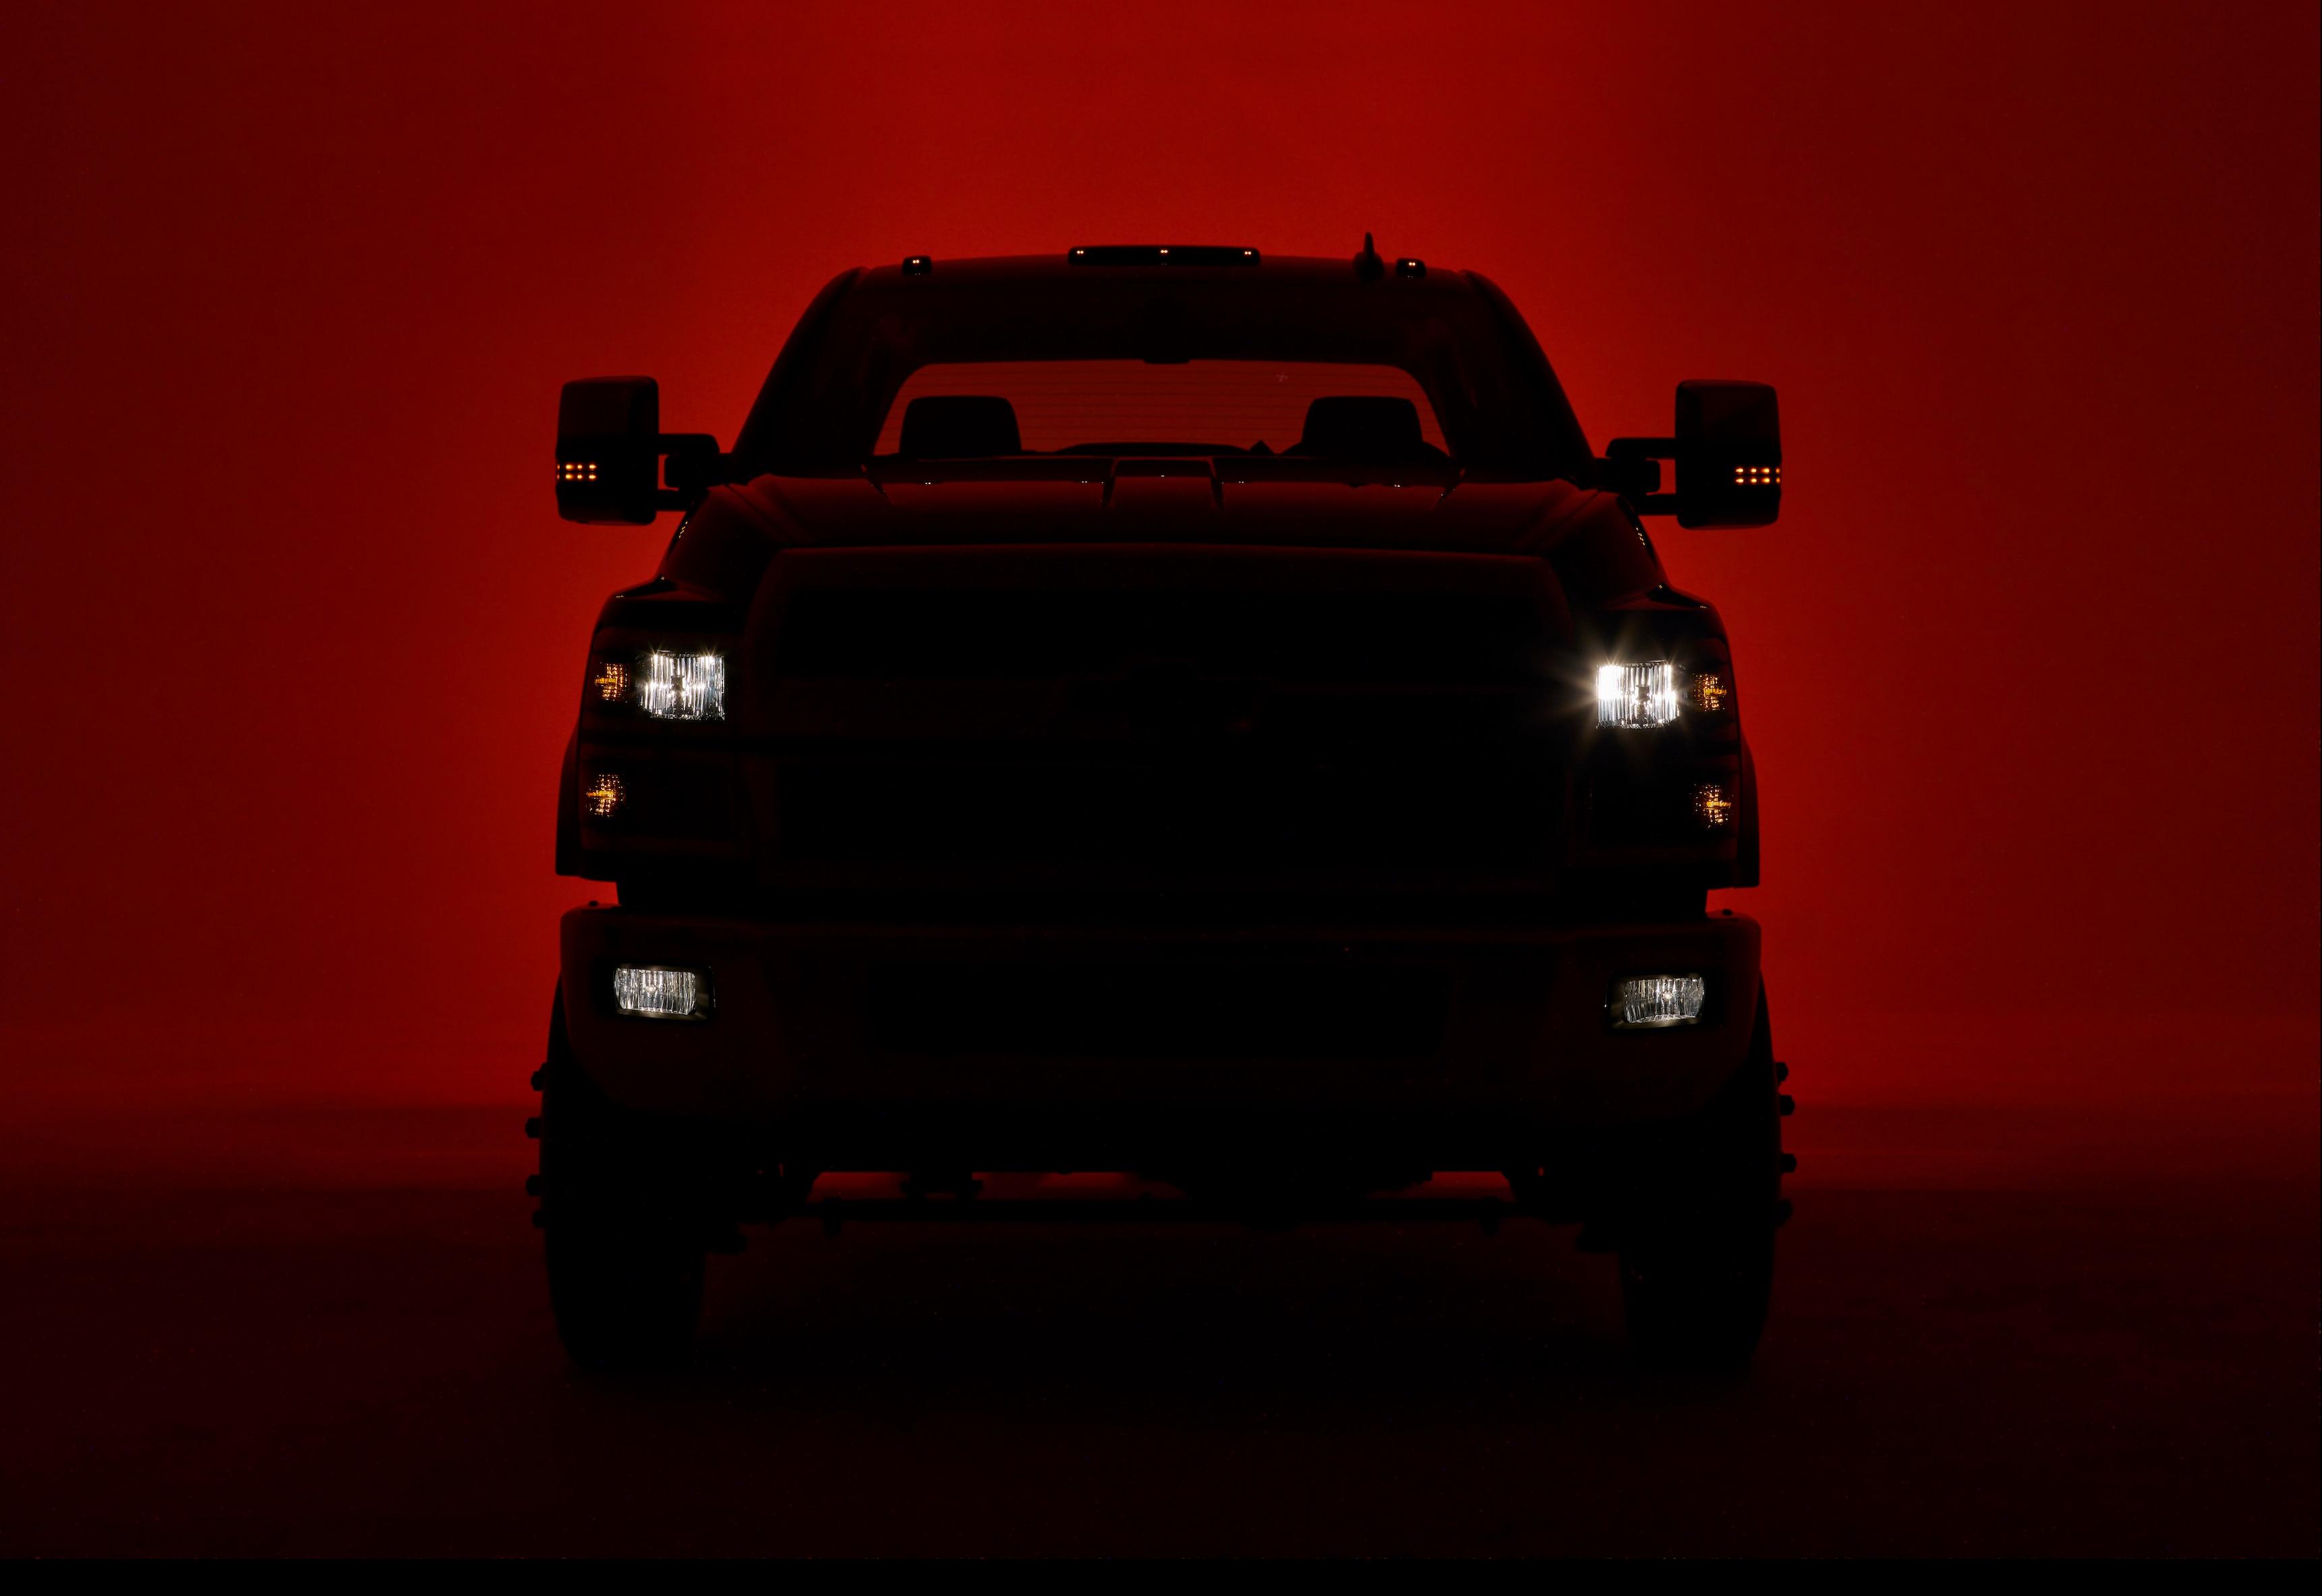 2019 Chevrolet Silverado 4500HD And 5500HD